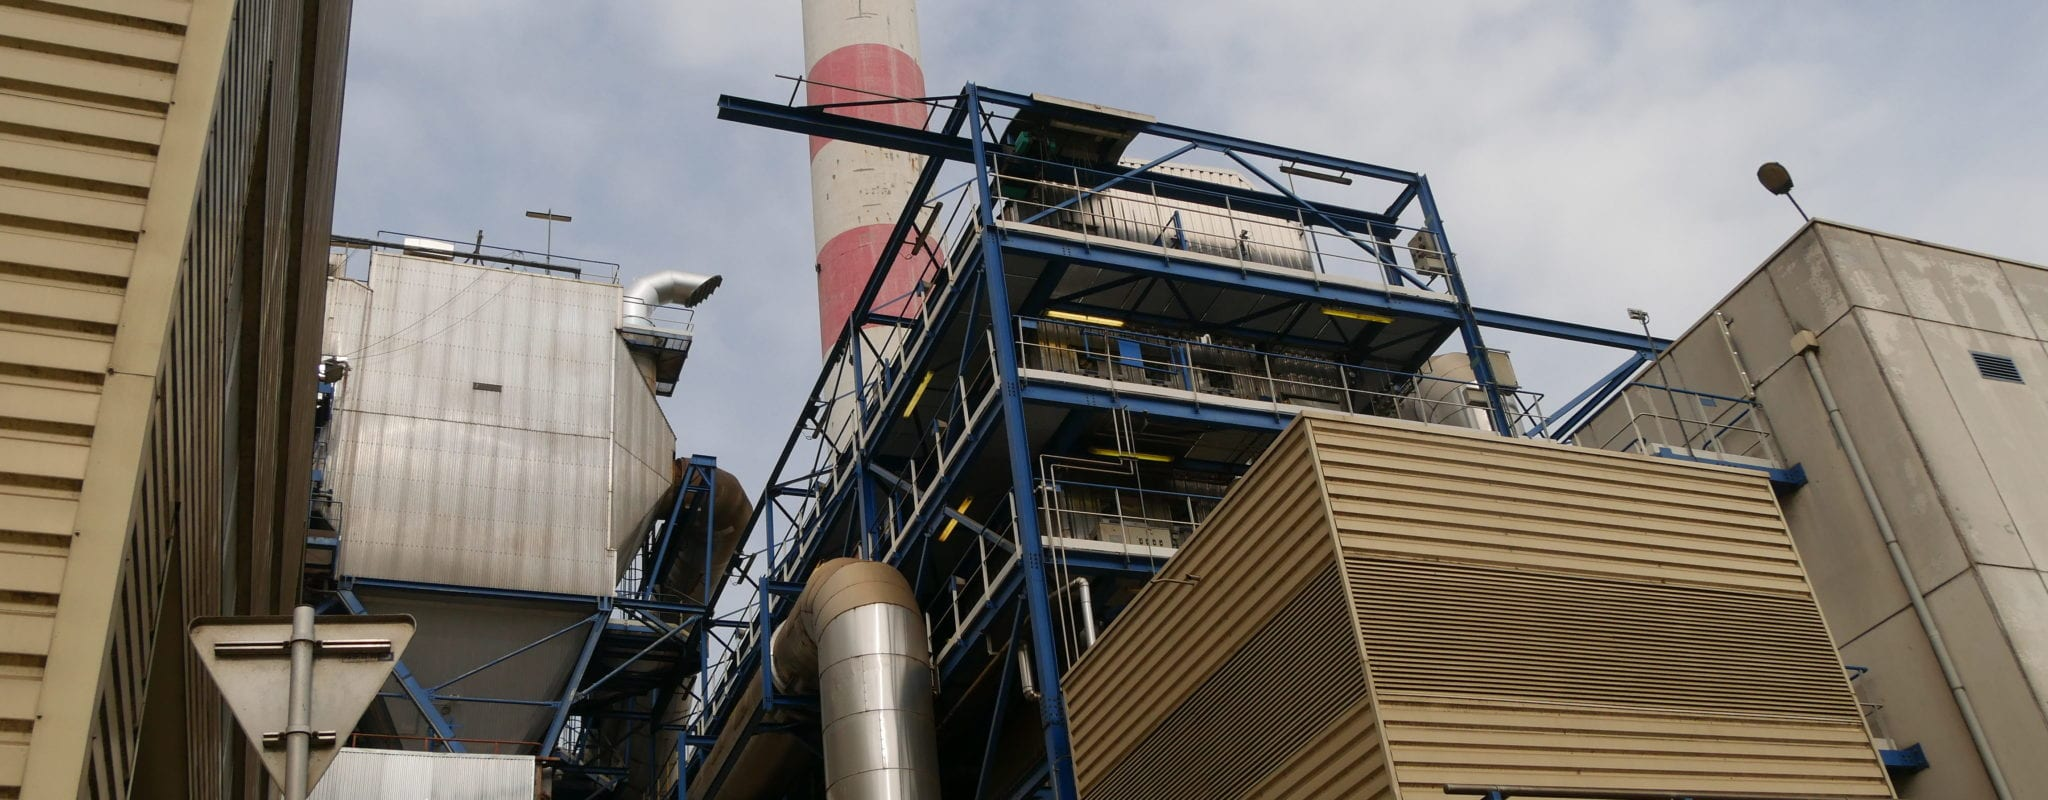 200 millions d'euros plus tard, «l'usine d'incinération reste dans un sale état»